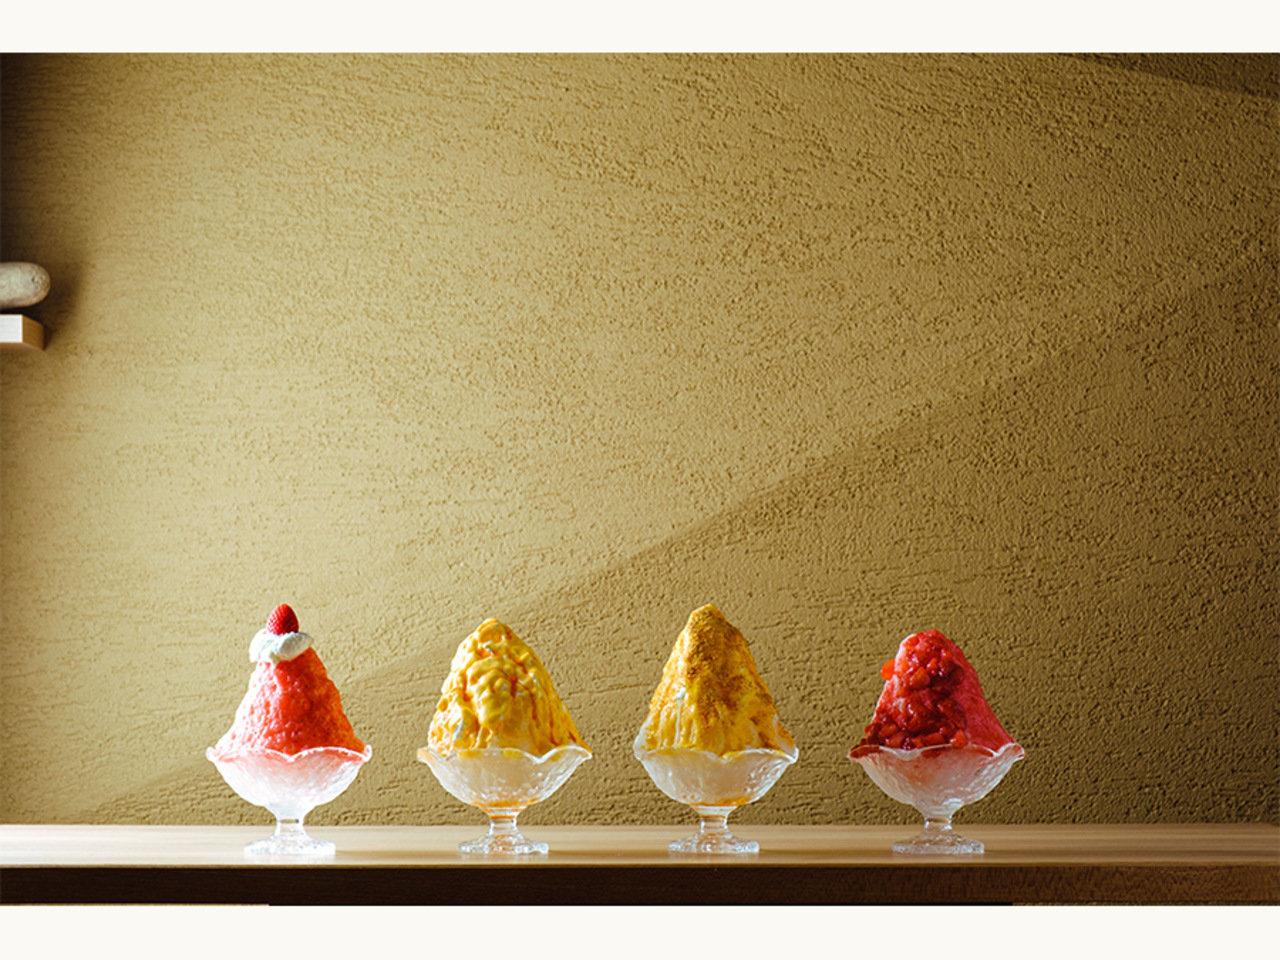 プリン専門店が運営するかき氷専門店「さんかく氷」。鳥取砂丘前にOPEN!